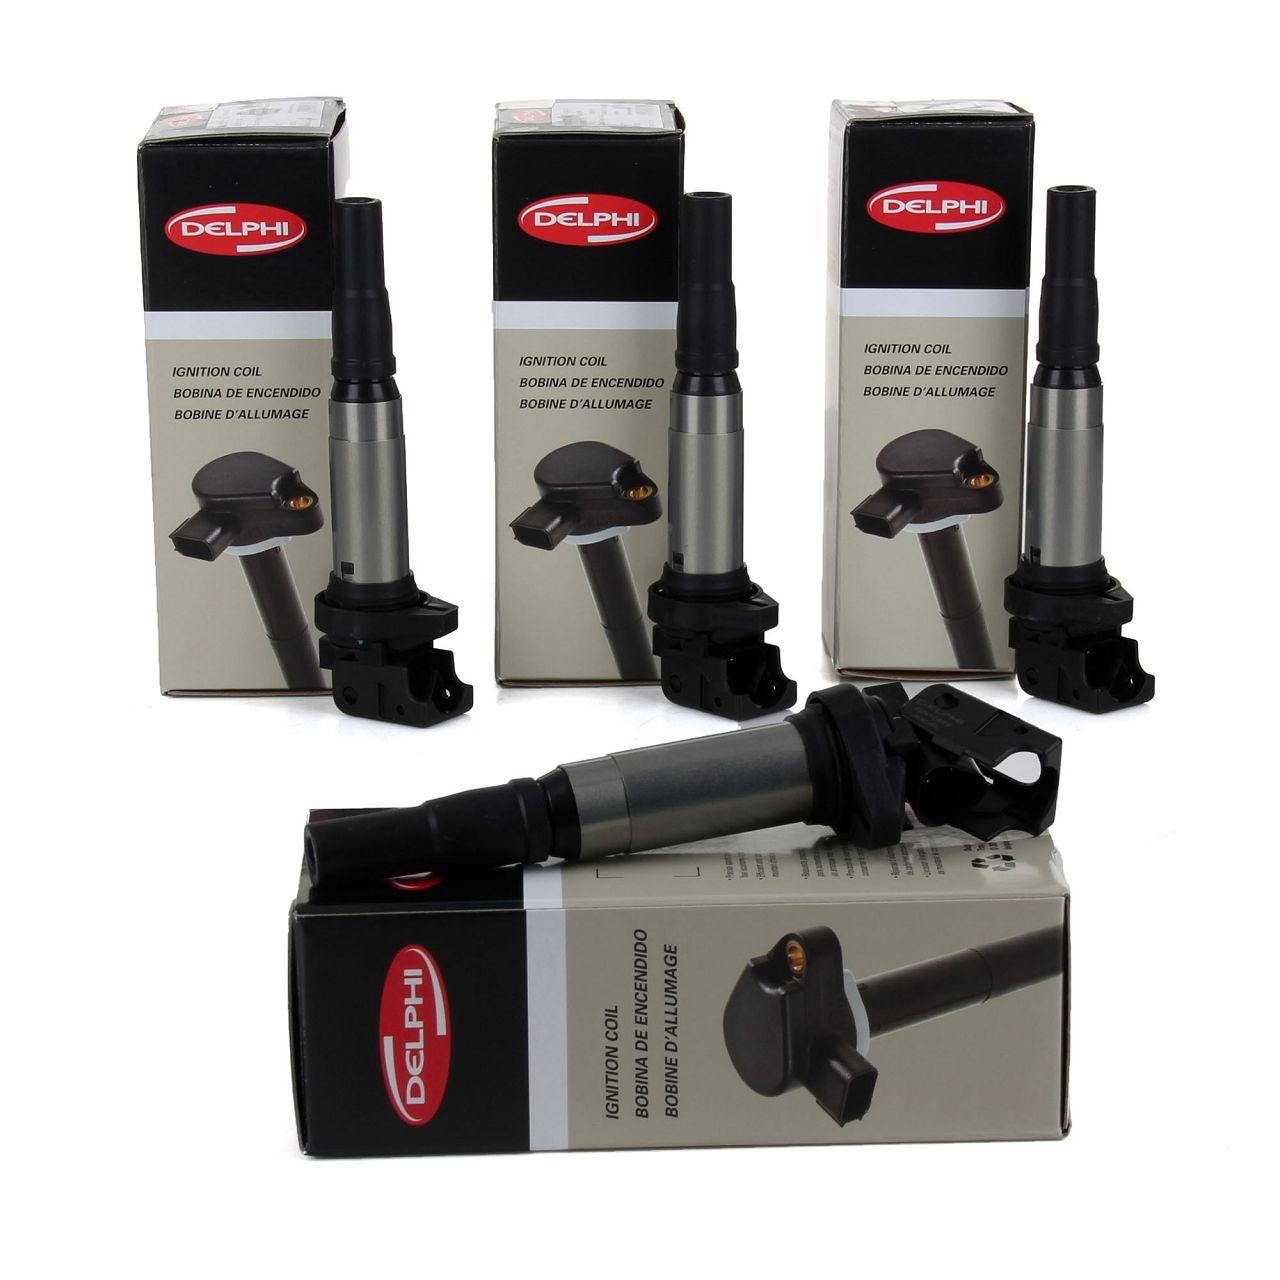 4x DELPHI GN10572-12B1 Zündspule für BMW 4 + 6 + 8 Zylinder BENZINER 12137575010